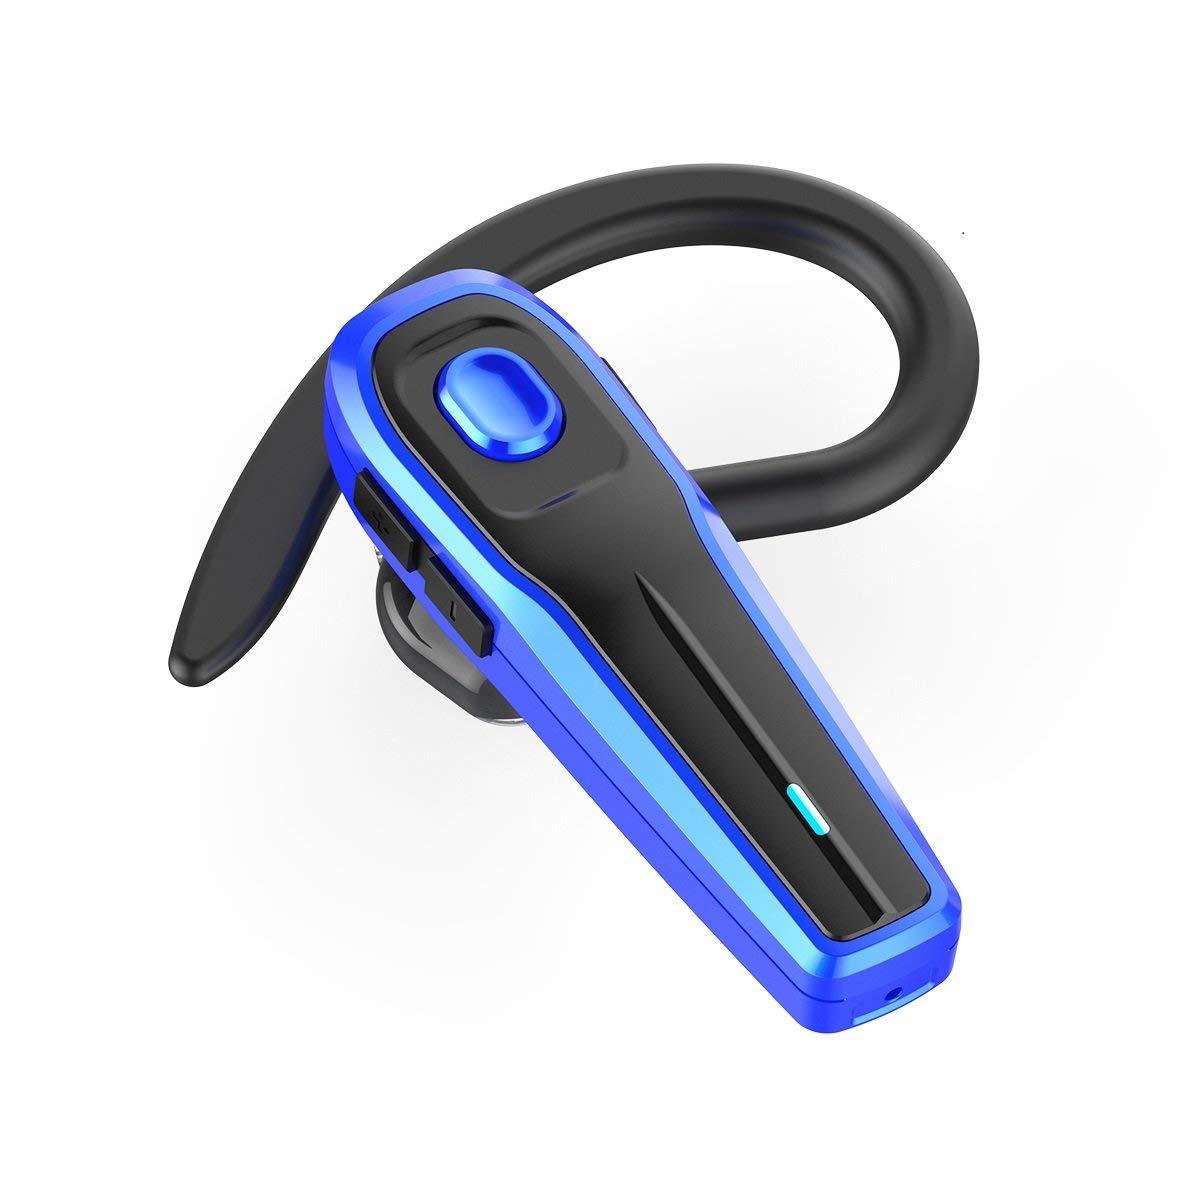 EGe Seed_BB Bluetooth Headset, Wireless Earpiece W/ Mute